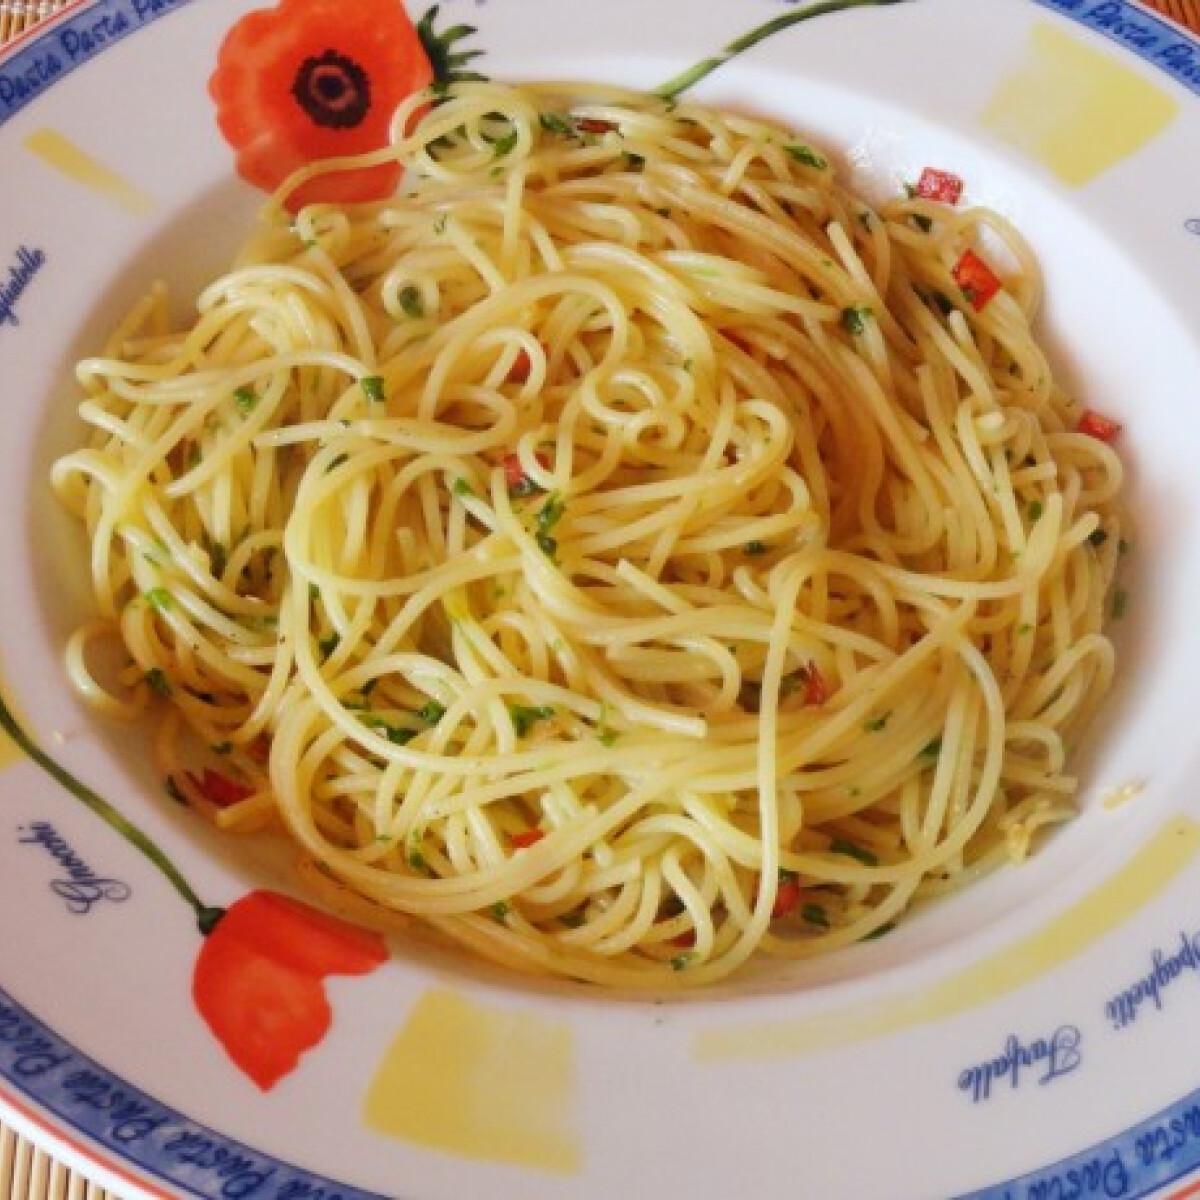 Ezen a képen: Olívaolajos-fokhagymás spagetti petrezselyemmel